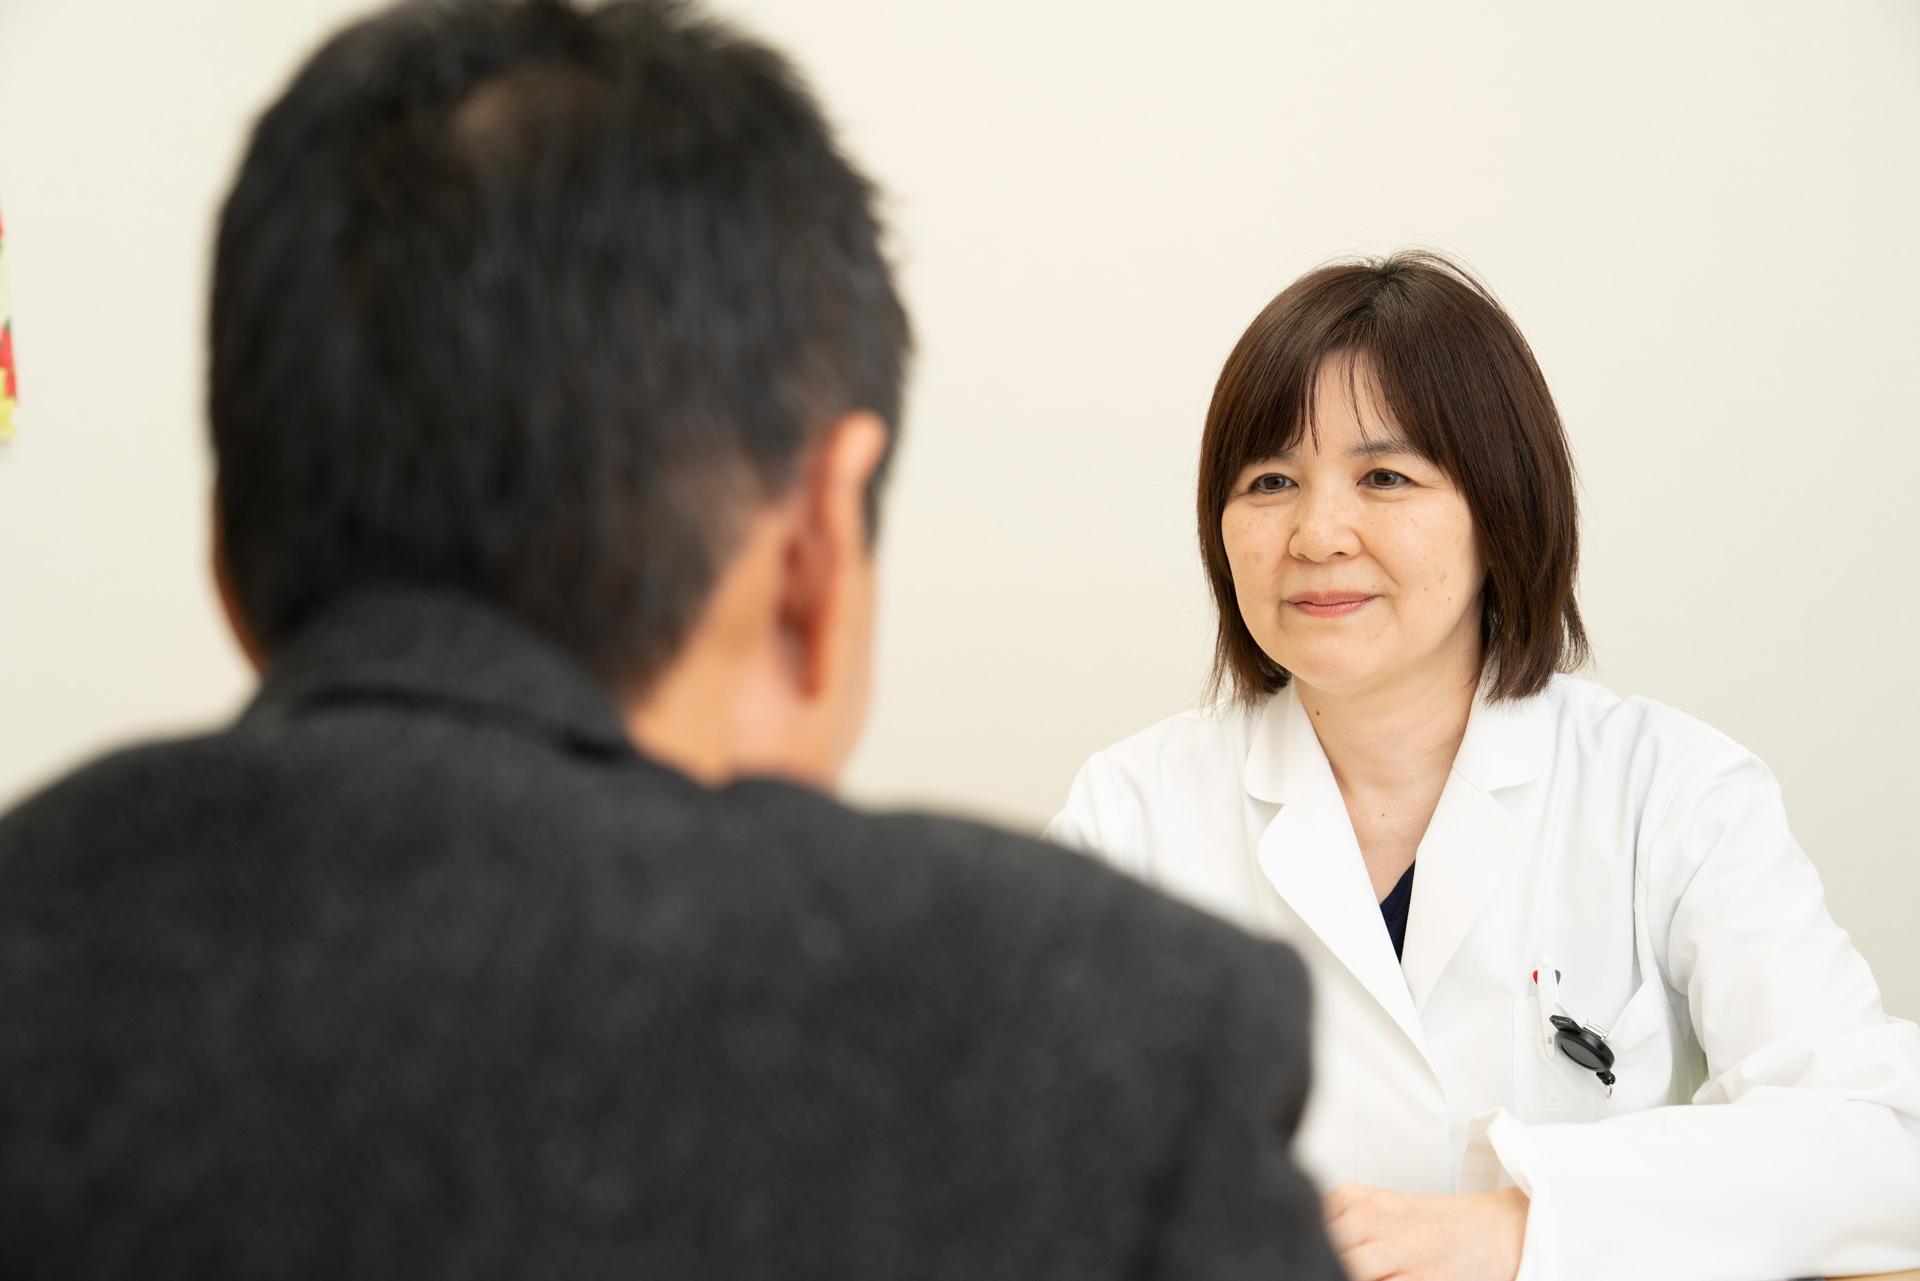 写真:医療相談員が患者の話を聞いている